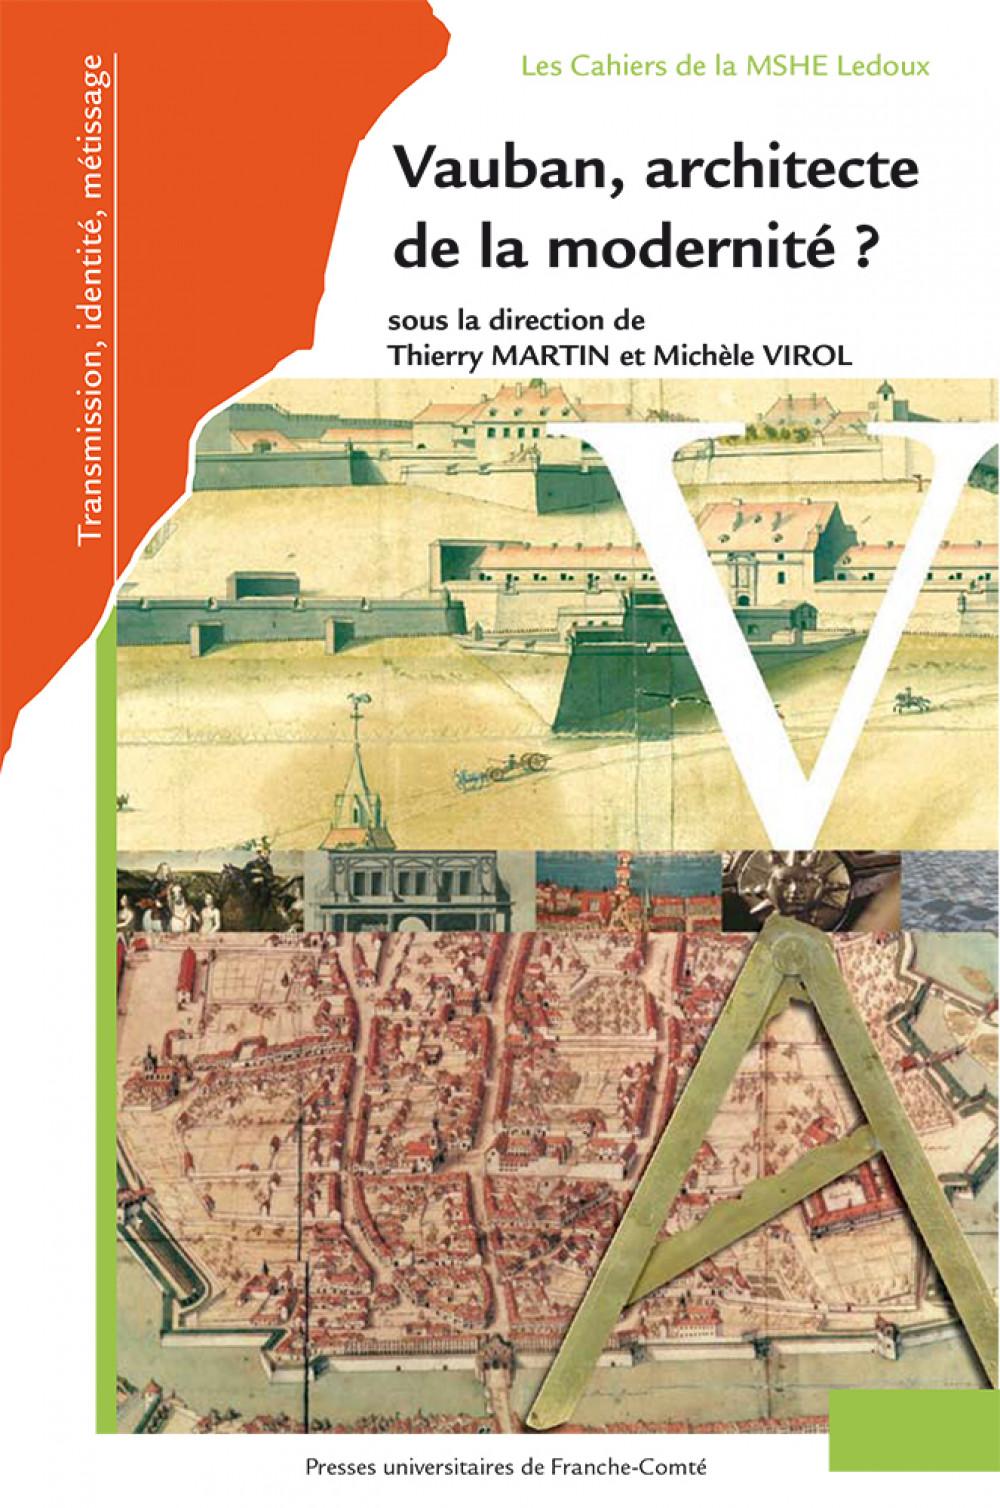 Vauban, architecte de la modernité ?